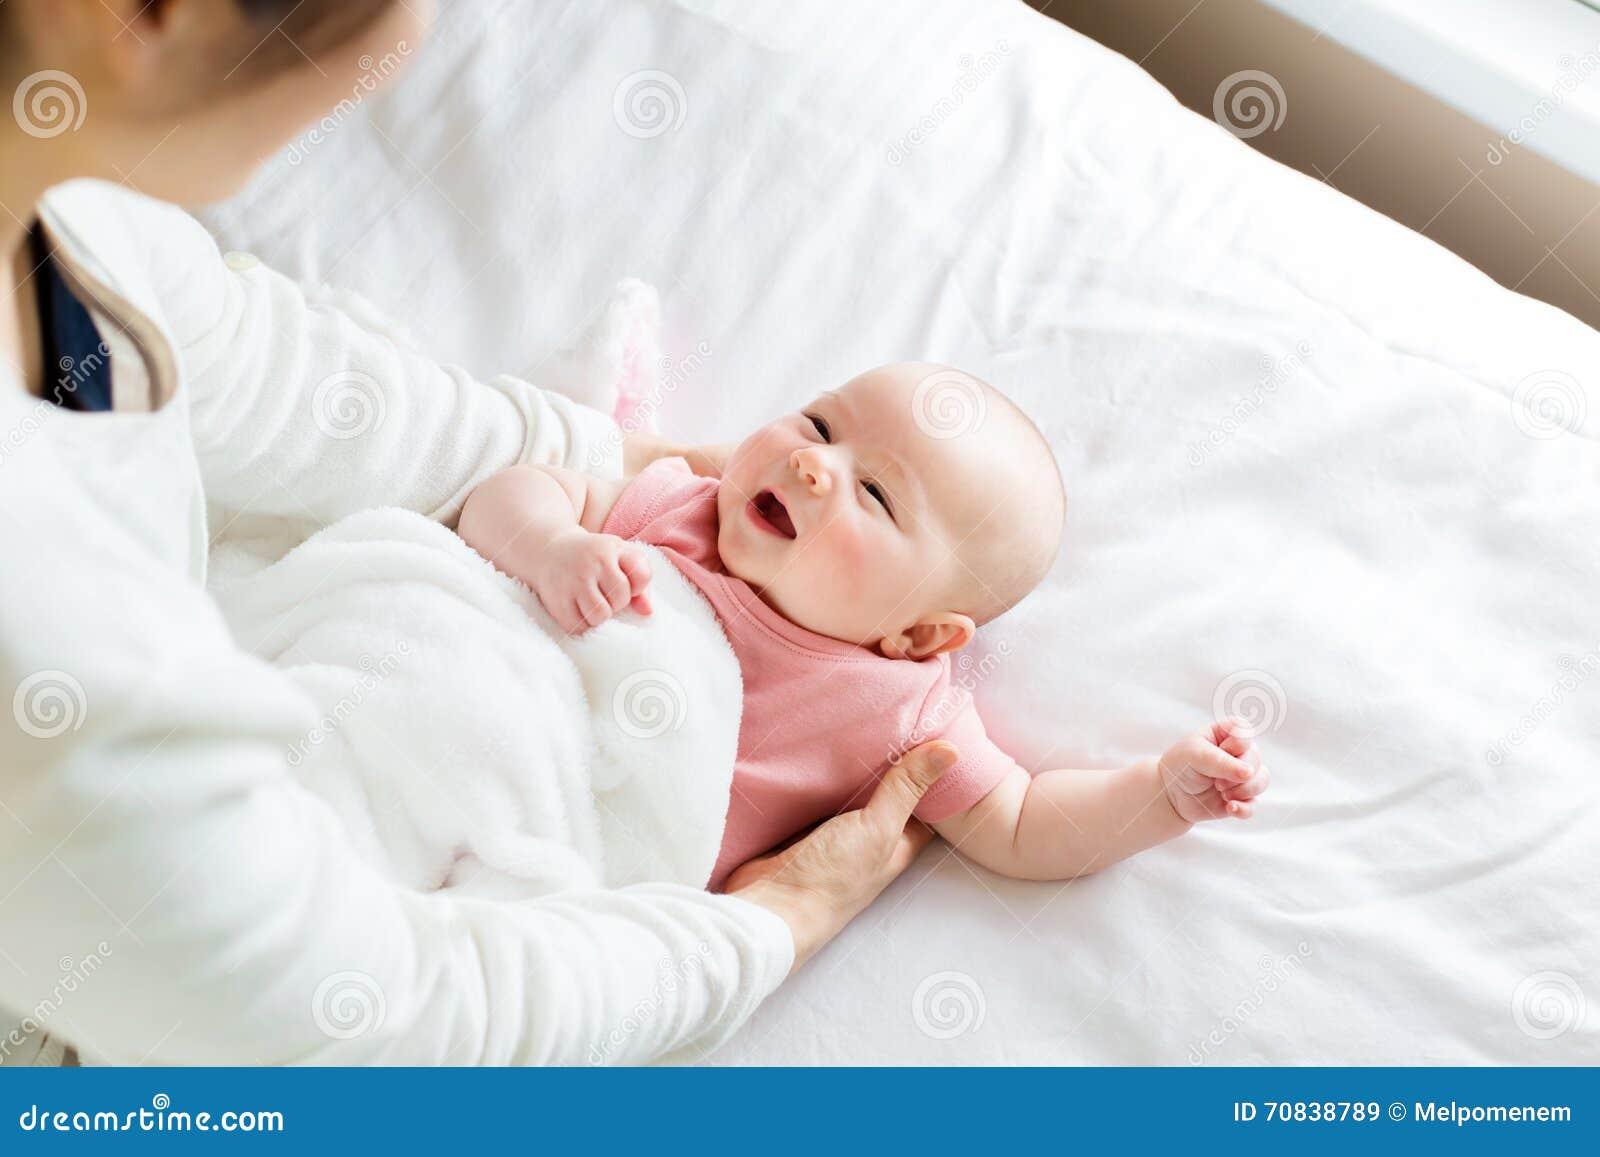 Pasgeboren babymeisje het liggen wordt gegeven voor